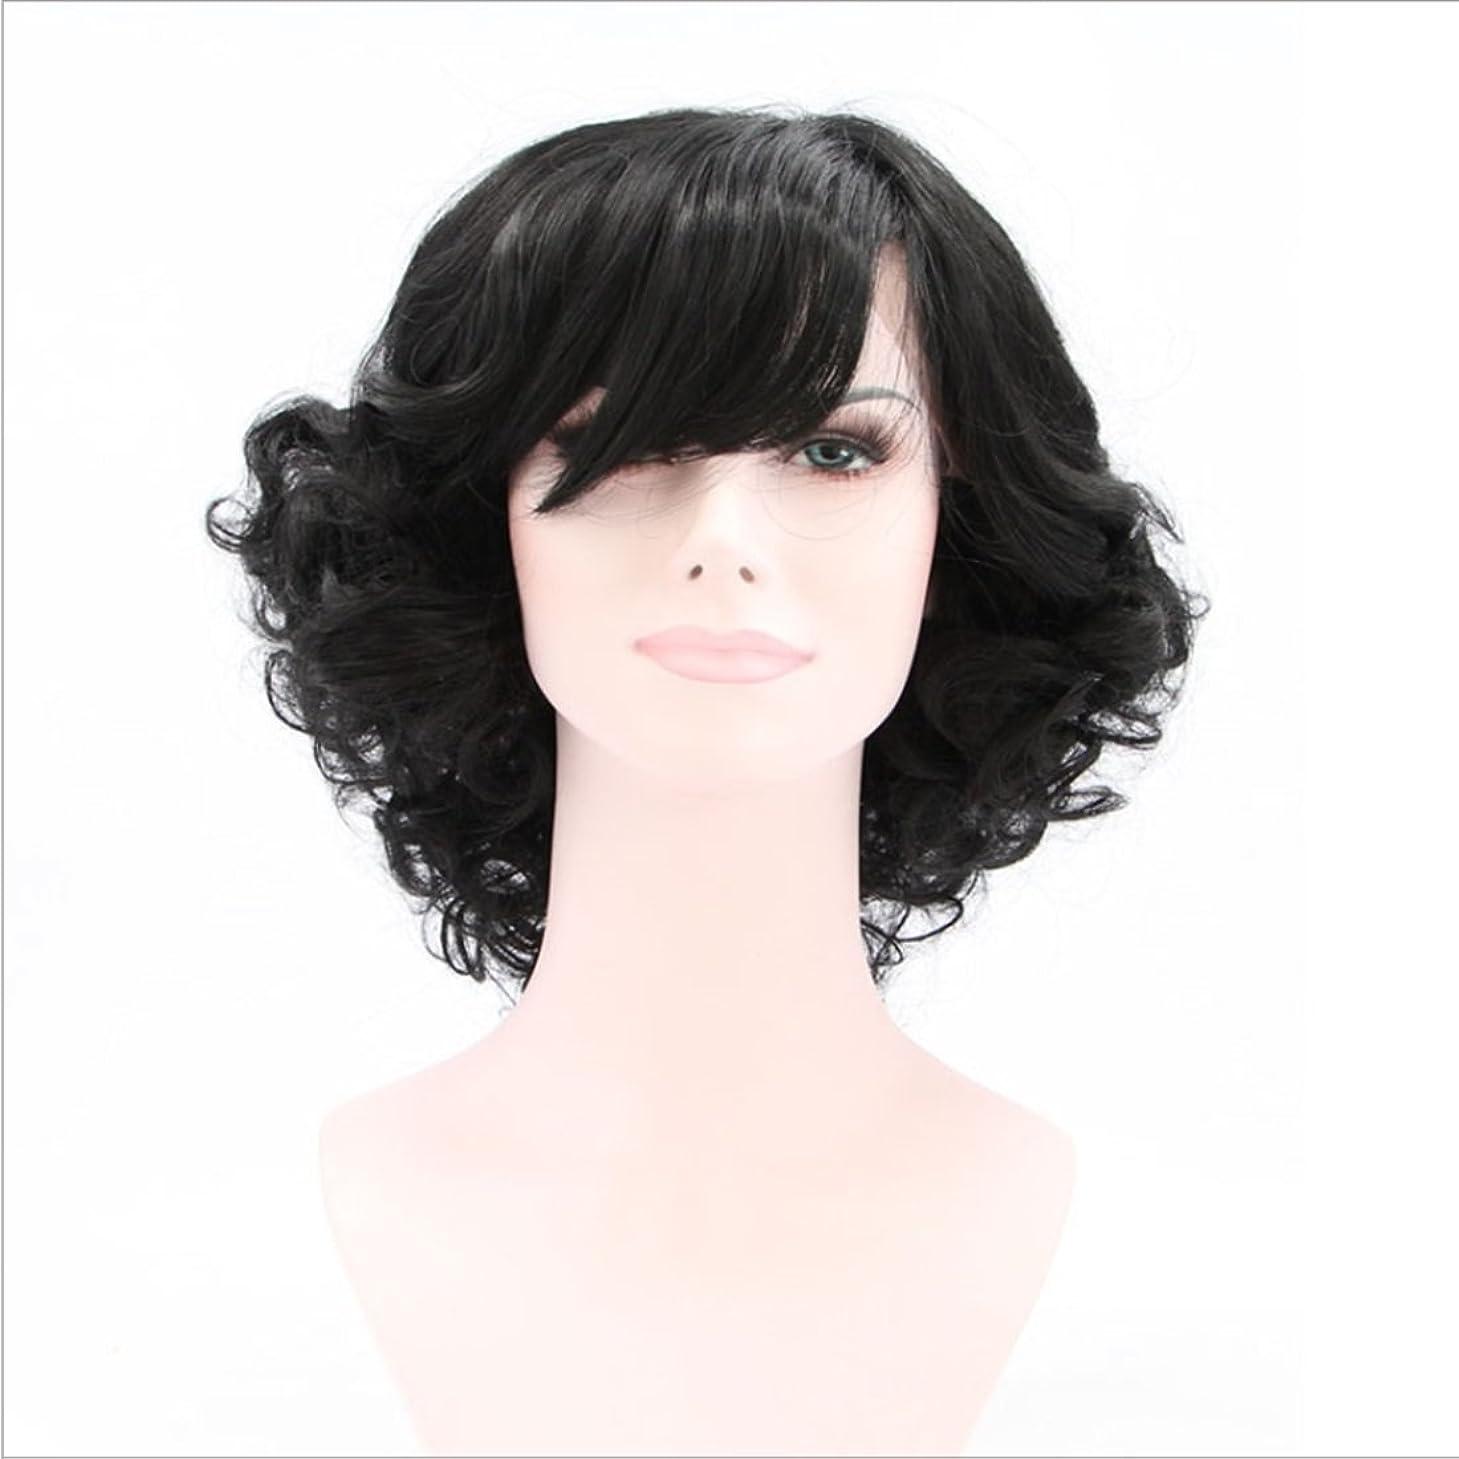 旅モジュール夜の動物園Koloeplf 女性のためのレースフロント斜めの強打と高温シルク合成髪の完全な手織りのための自然な黒のかつらカーリーヘアショートカーリーウィッグ (Color : ブラック)